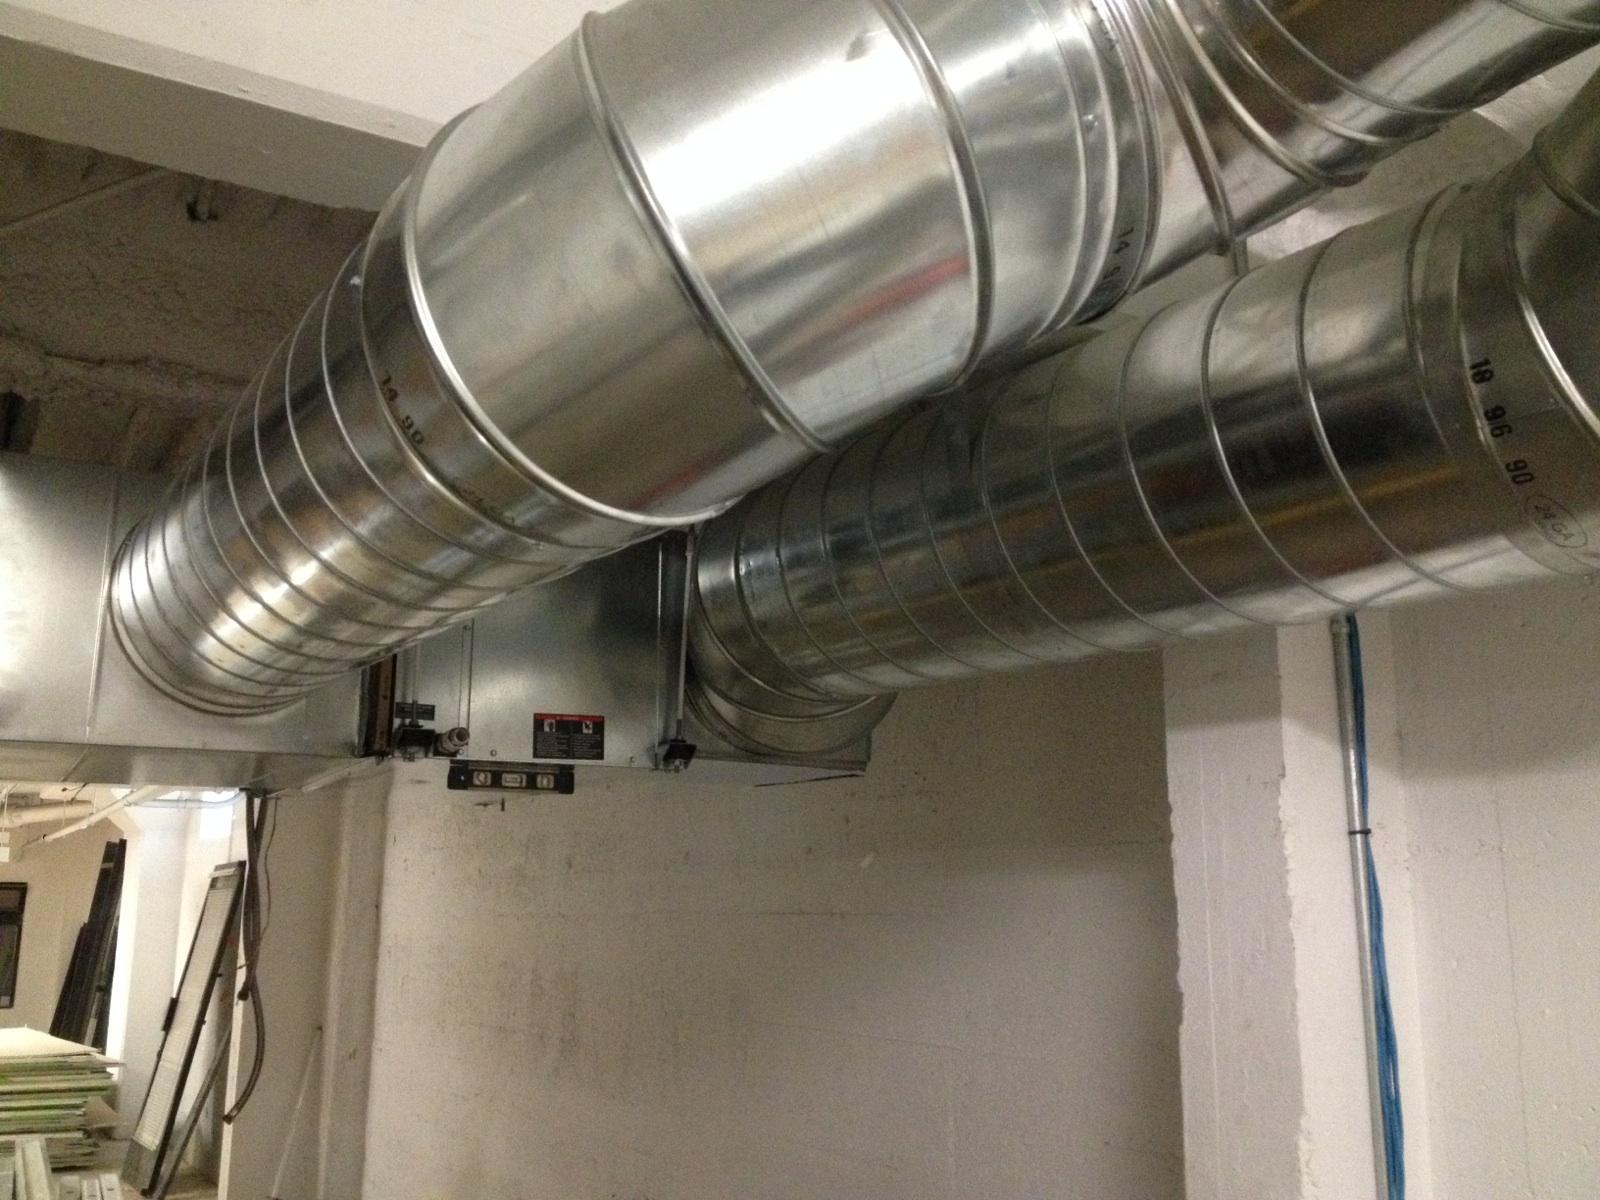 Aqac Heating and Air